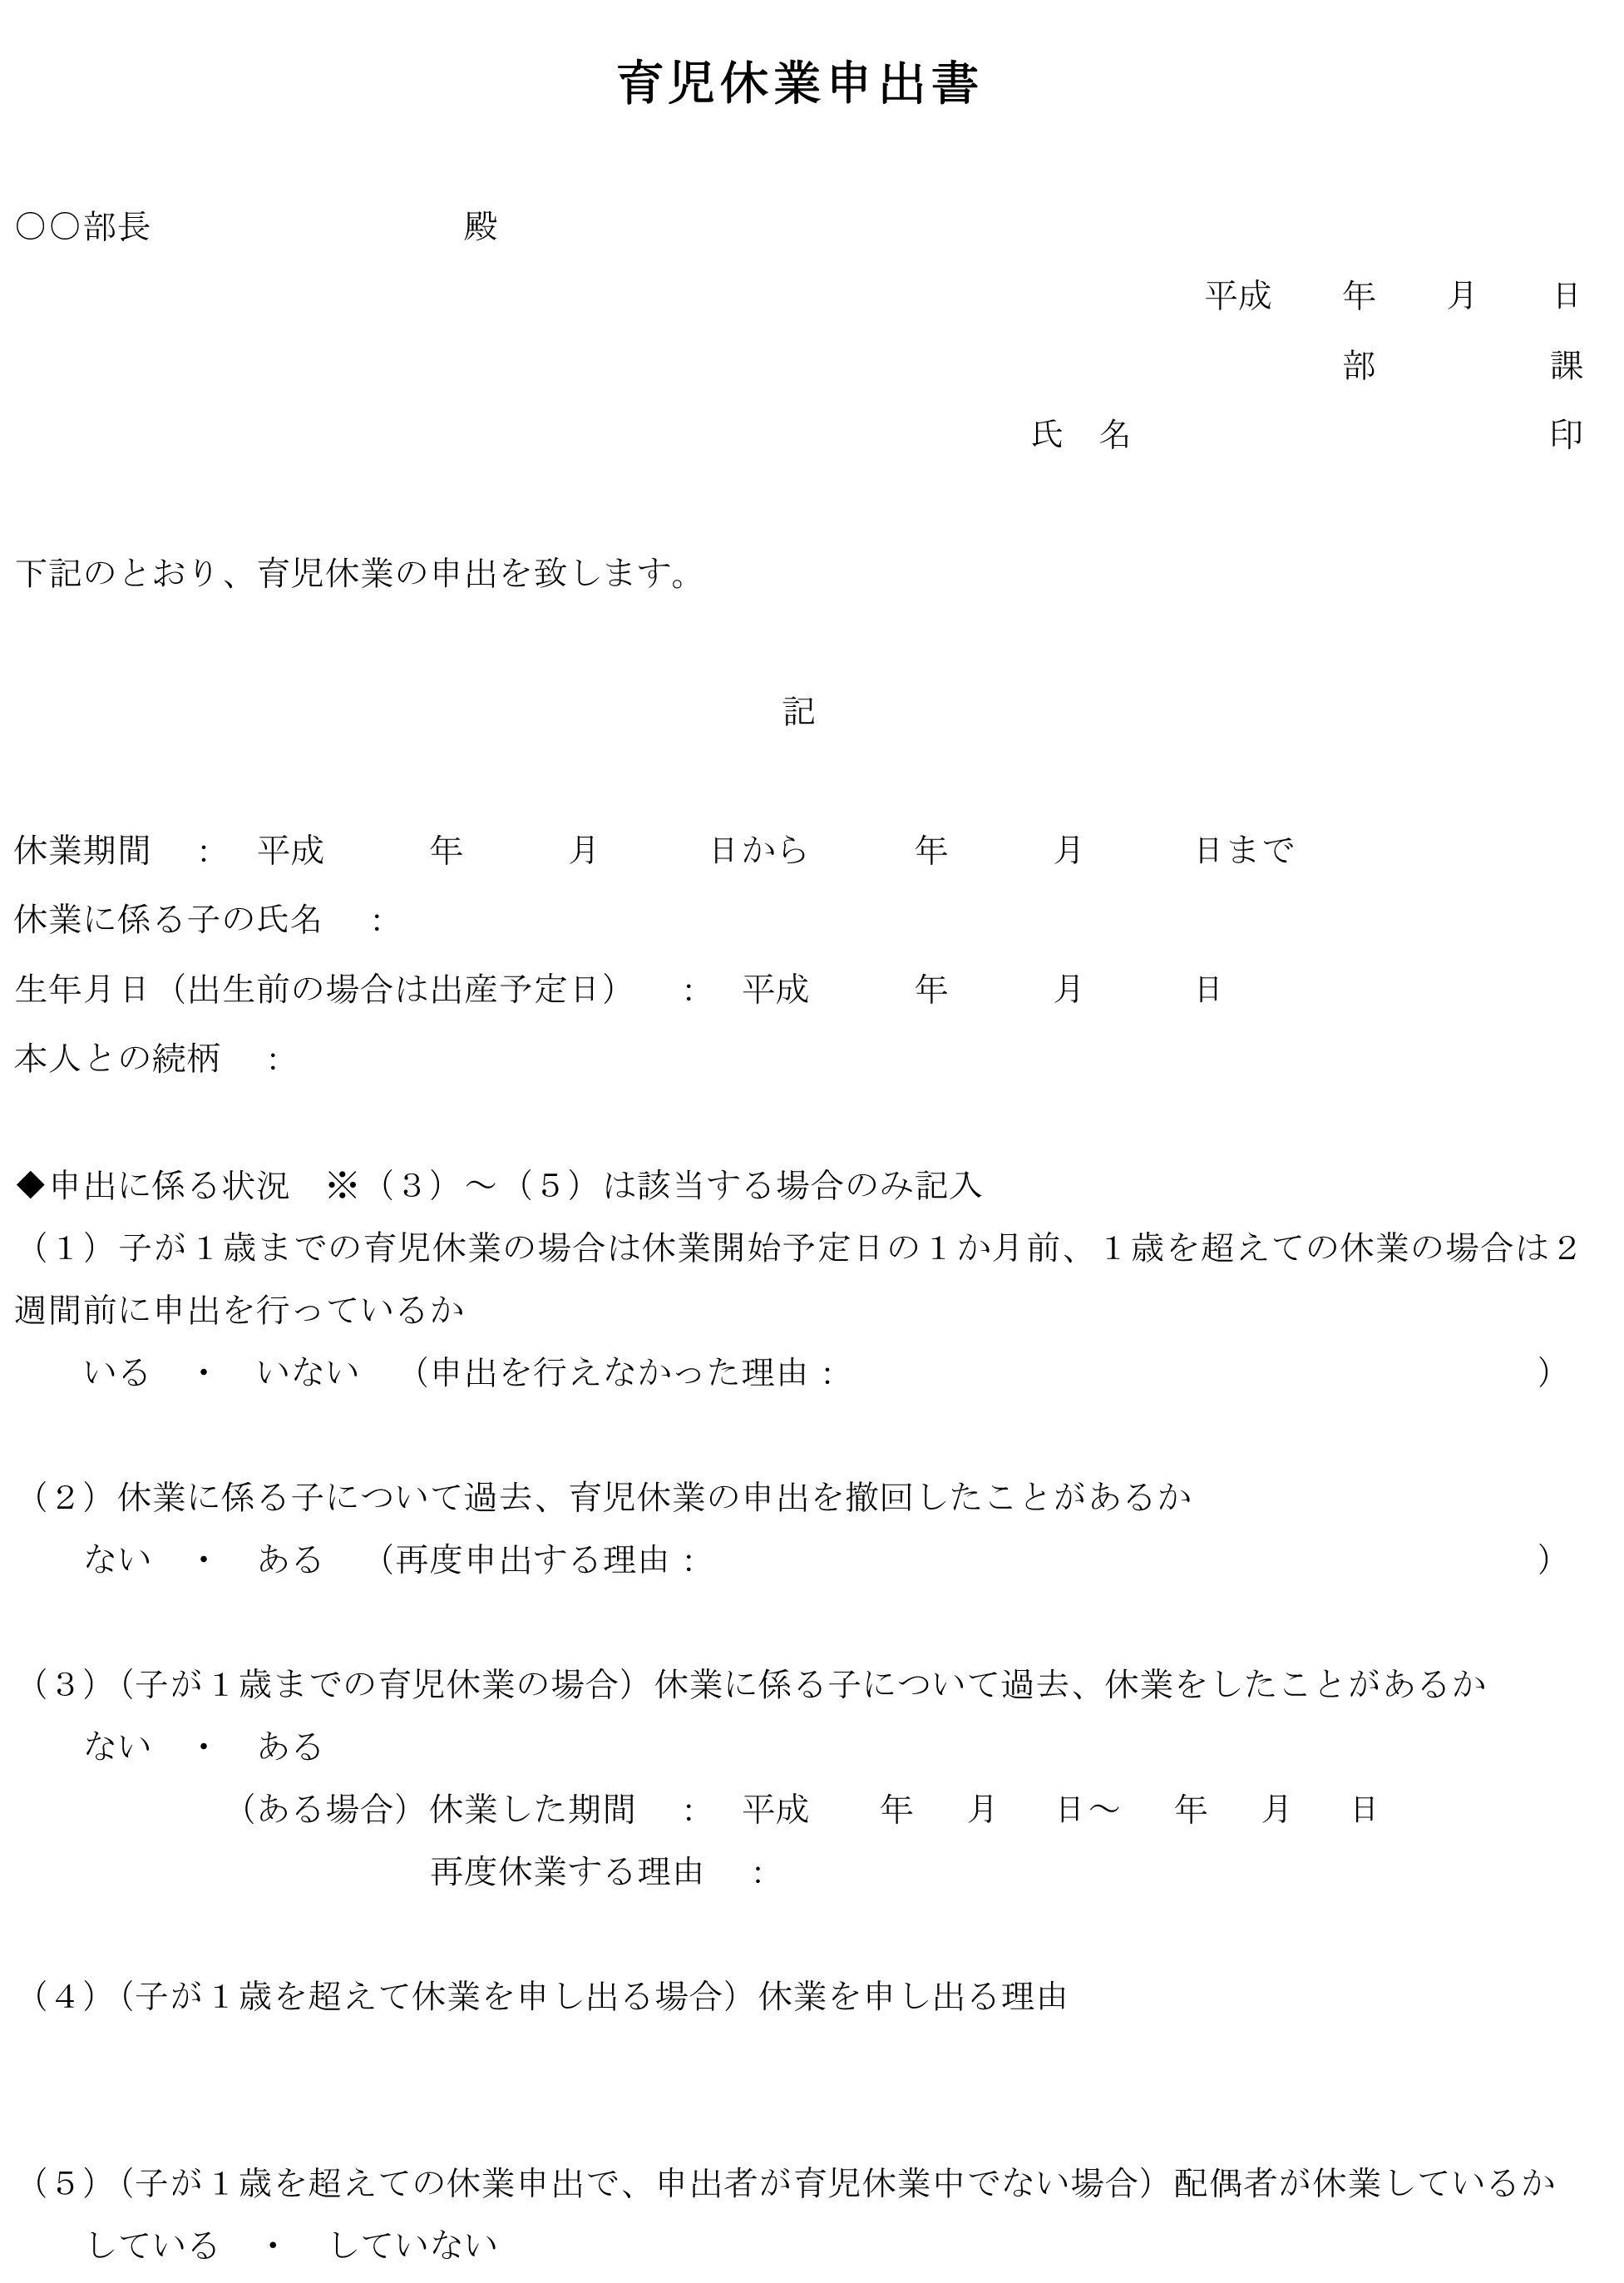 育児休業申出書02